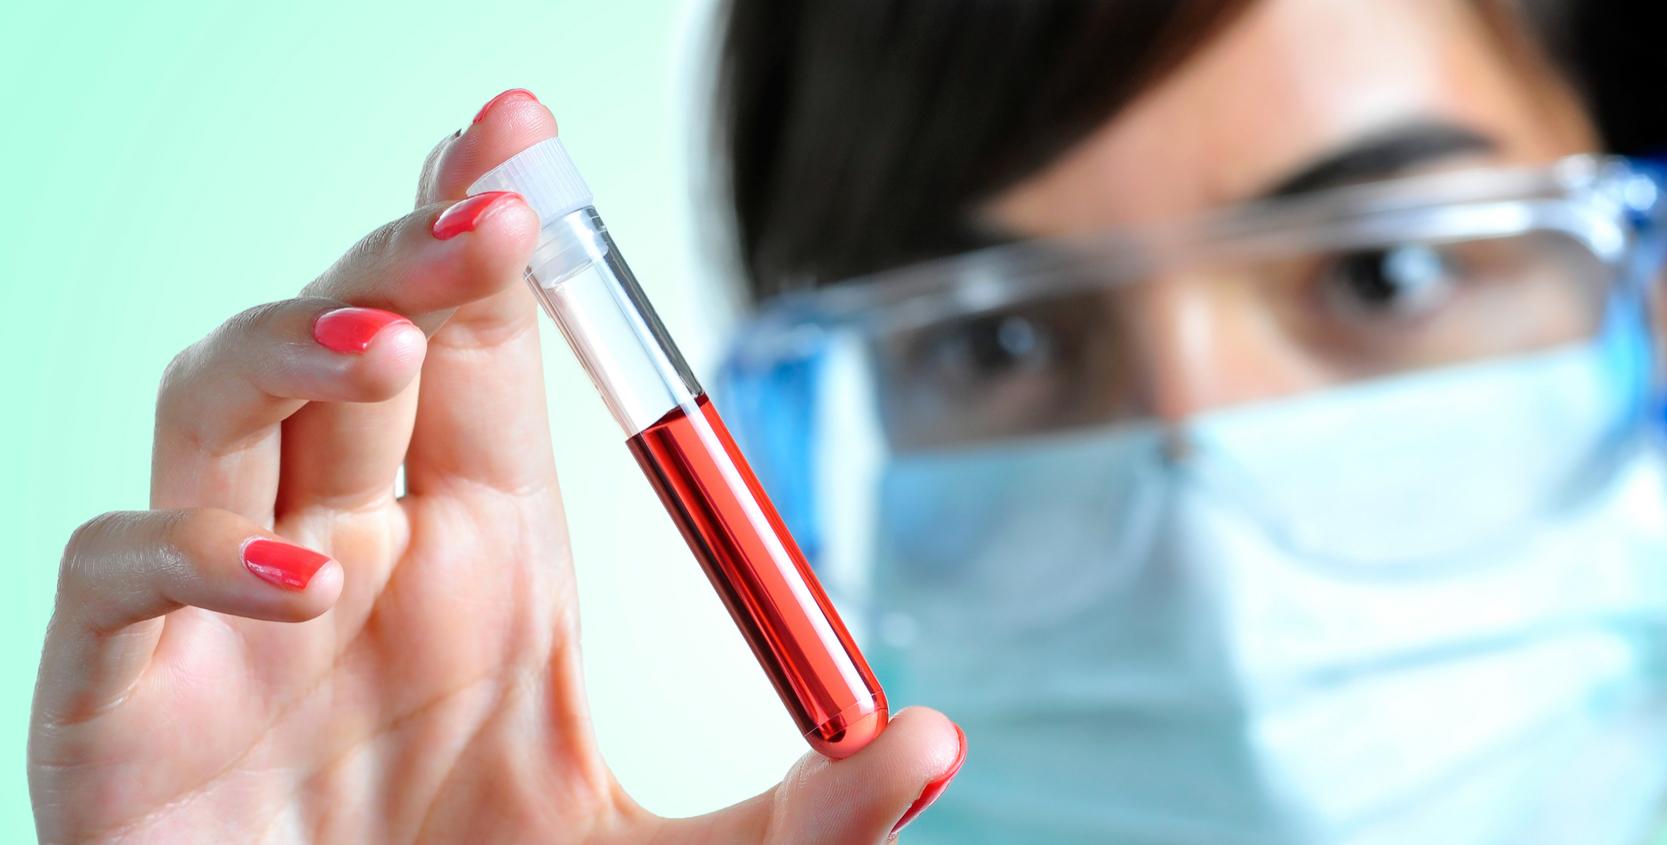 RBC в анализе крови — норма эритроцитов и возможные отклонения